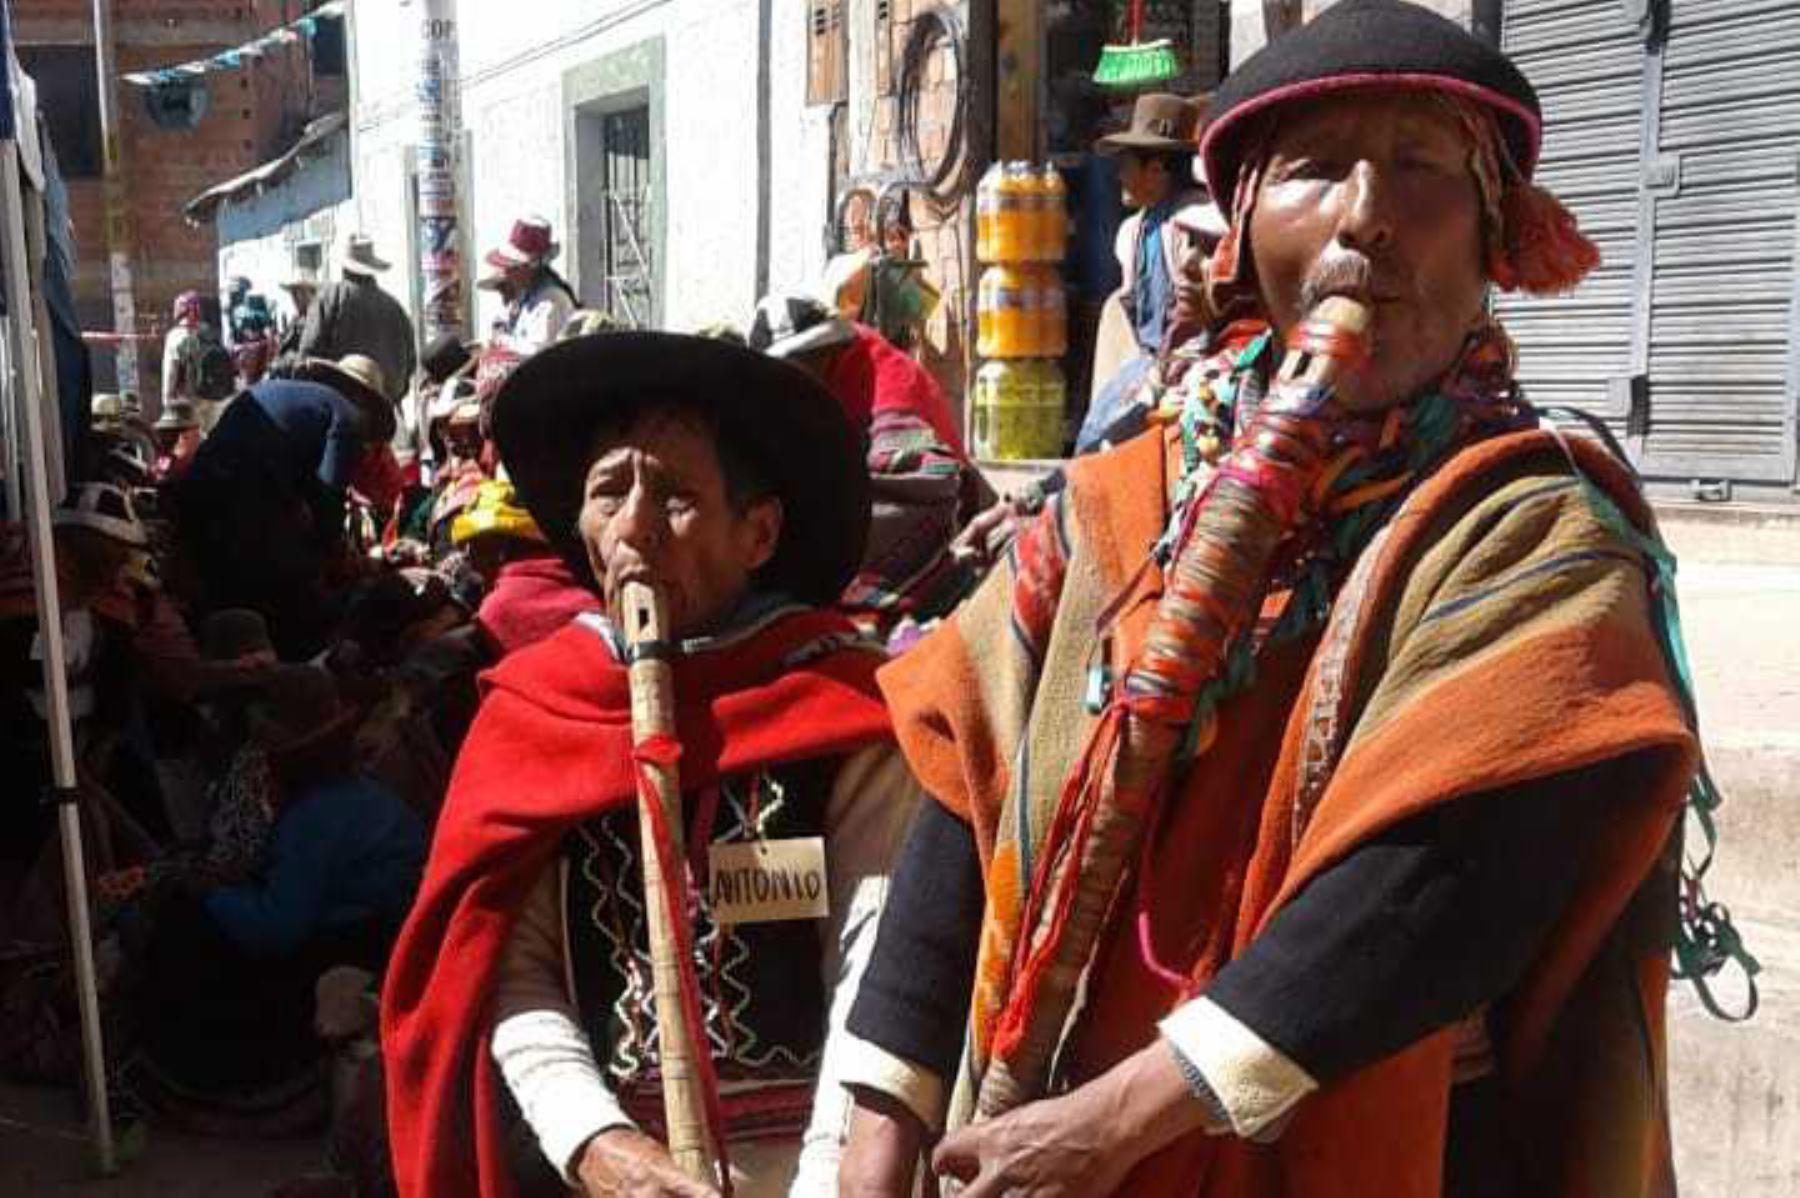 """""""Chuko soltera suway"""", danza típica cusqueña, fue presentada en el Primer Encuentro de Saberes Productivos de Kunturkanki, en la región Cusco, por los usuarios del Programa Nacional de Asistencia Solidaria Pensión 65, del Ministerio de Desarrollo e Inclusión Social."""